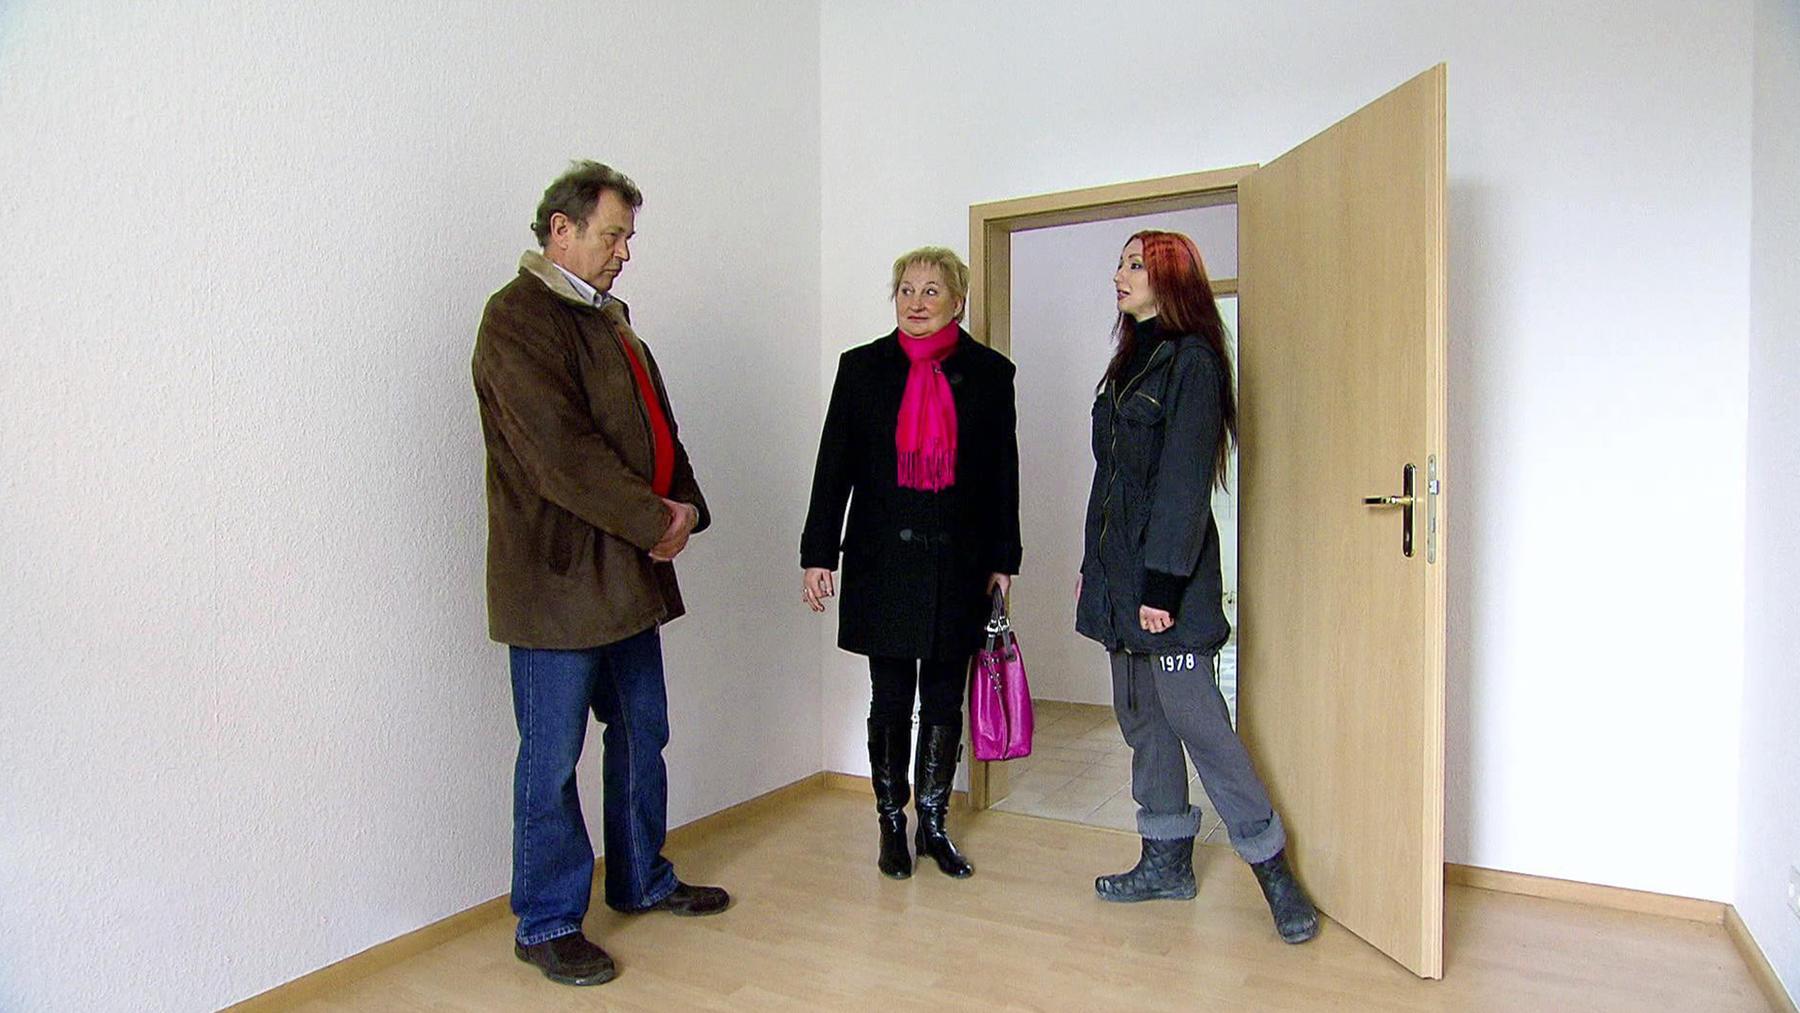 Besichtigung in Leipzig droht zu eskalieren